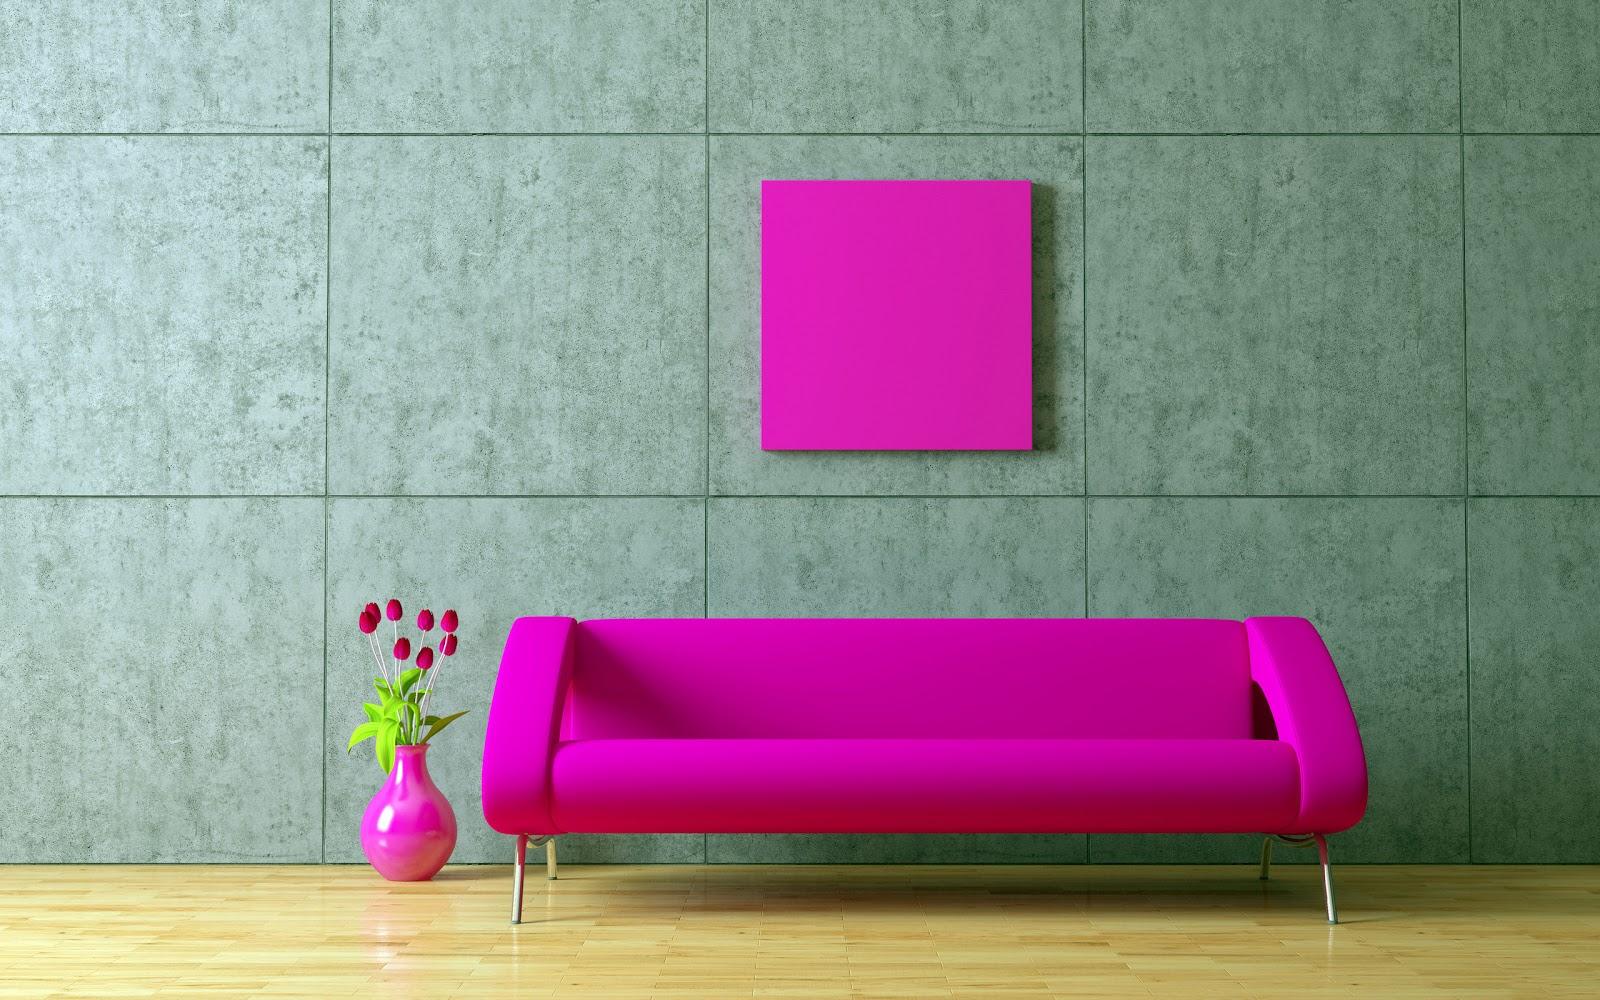 hinh-nen-hd-dep-cho-may-tinh-nha-wallpaper-13